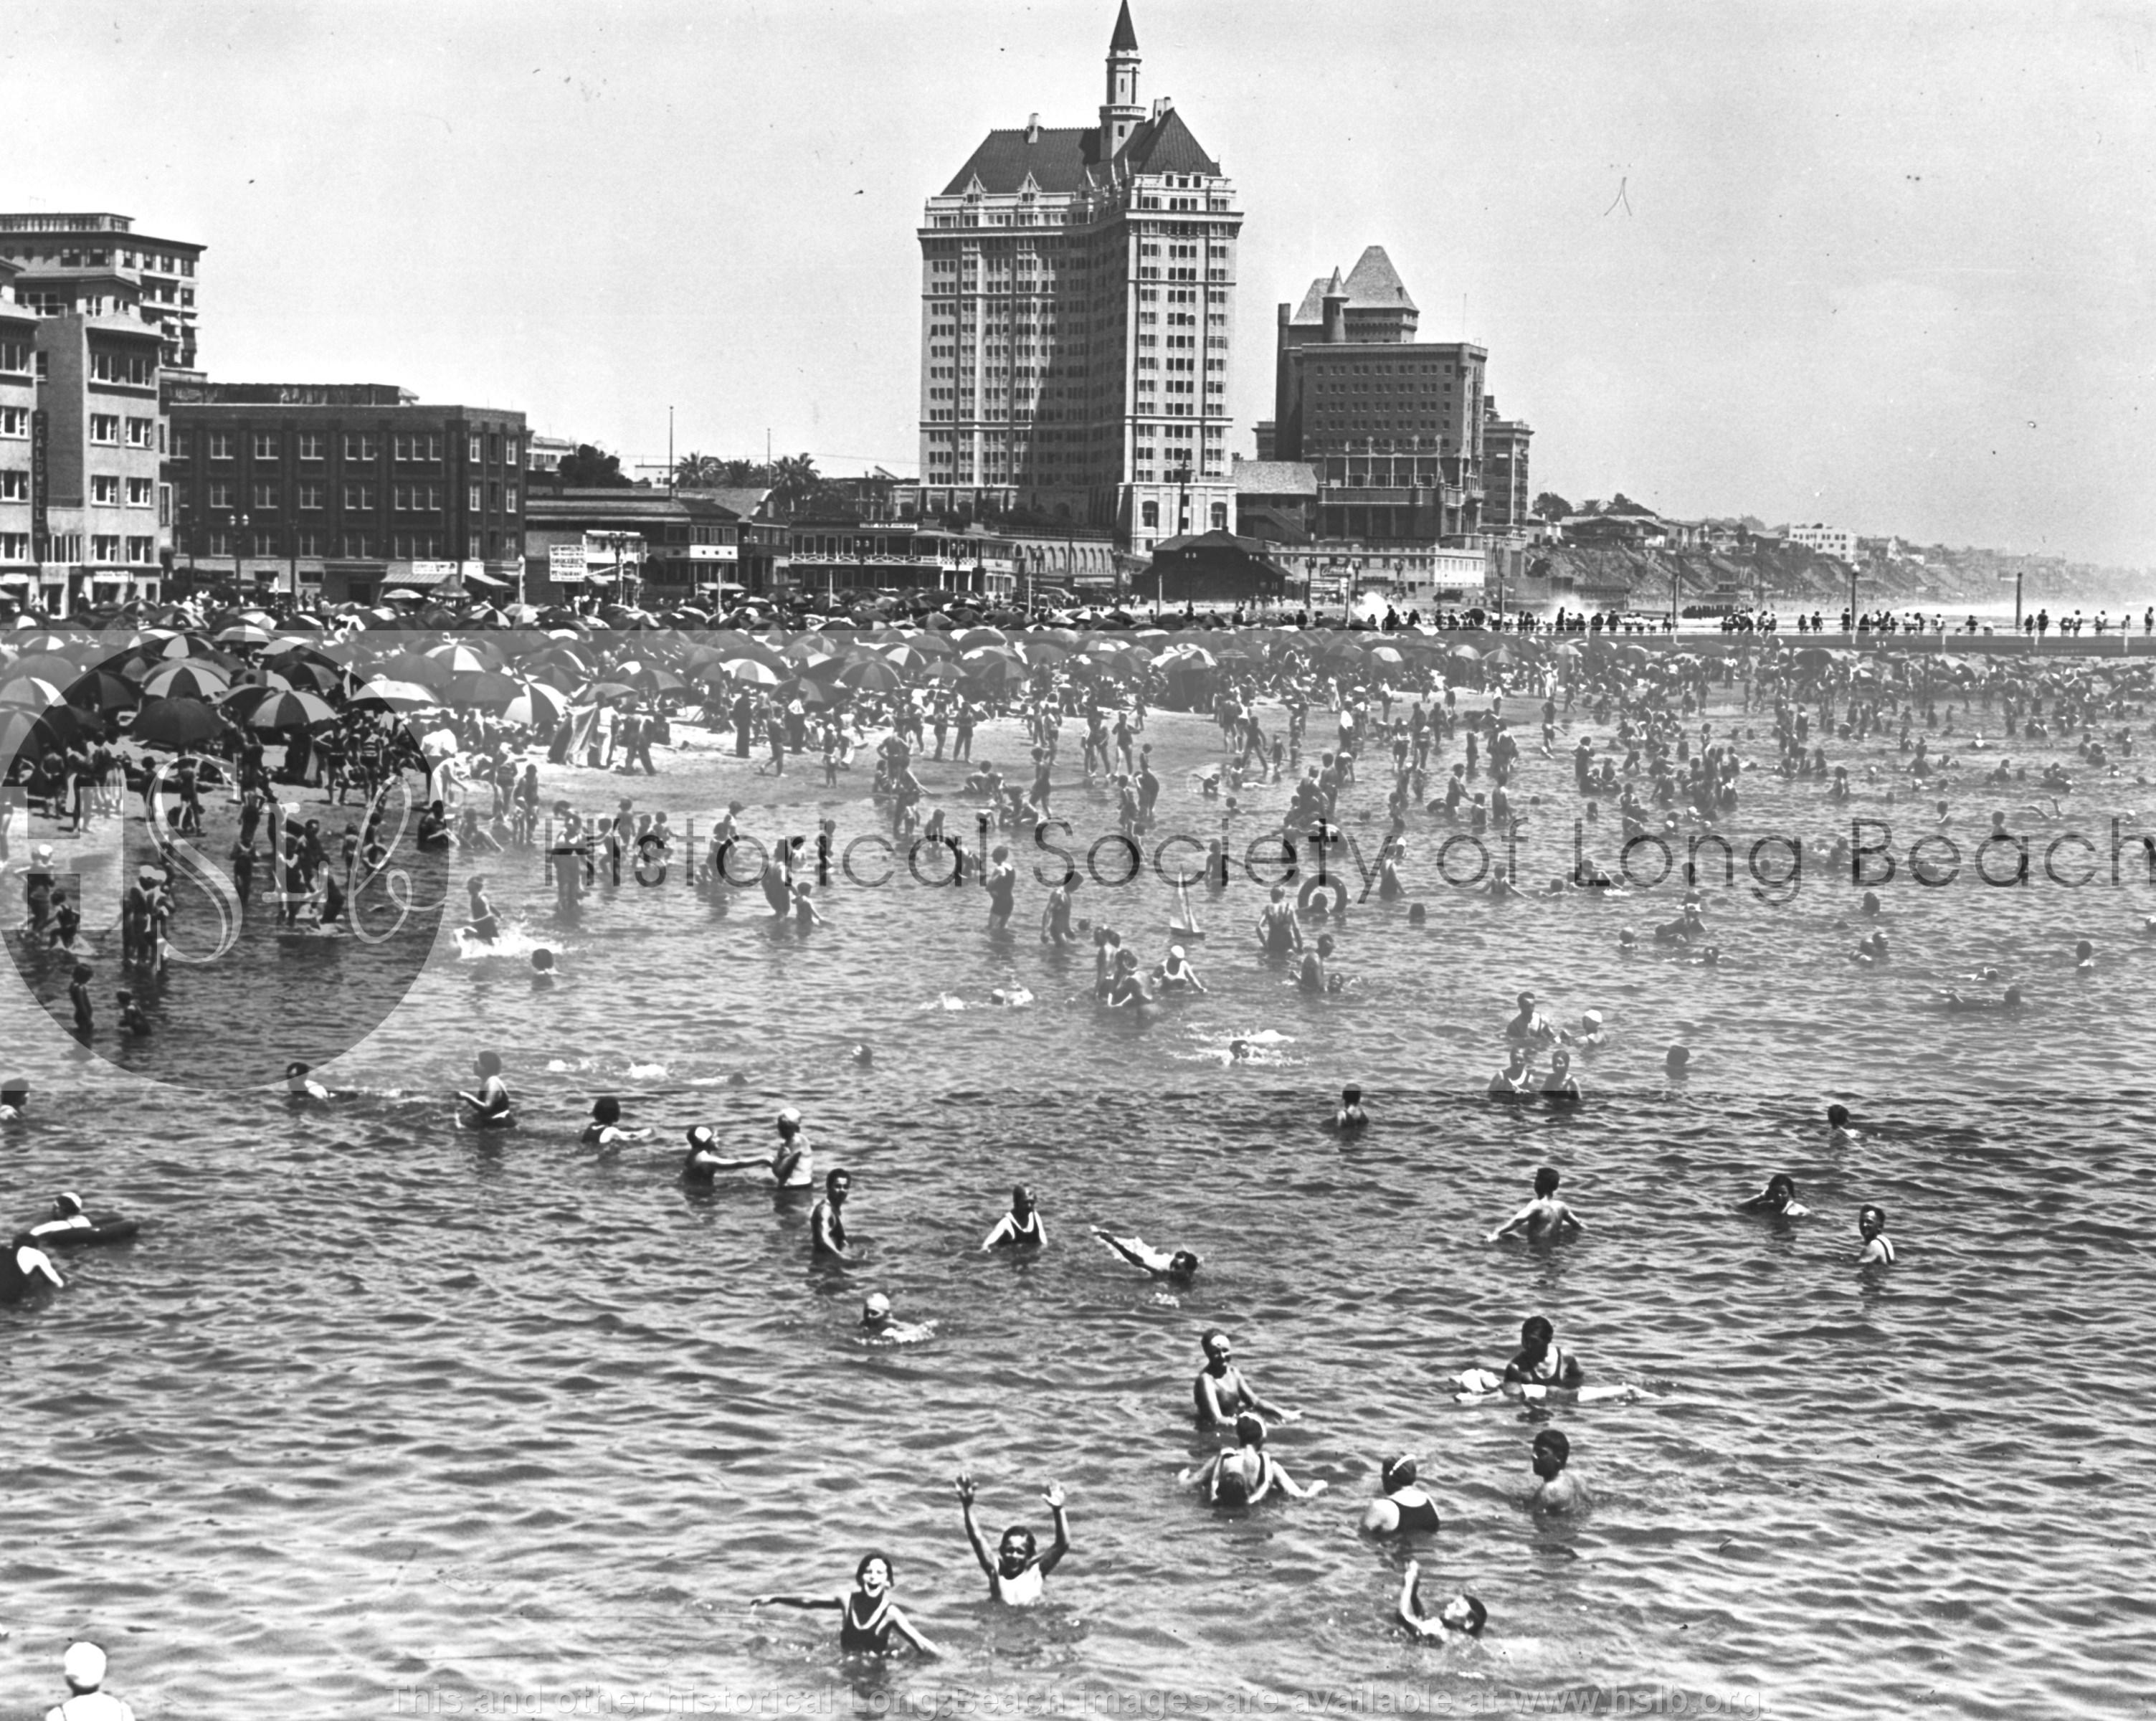 East beach, 1933 Historical photograph